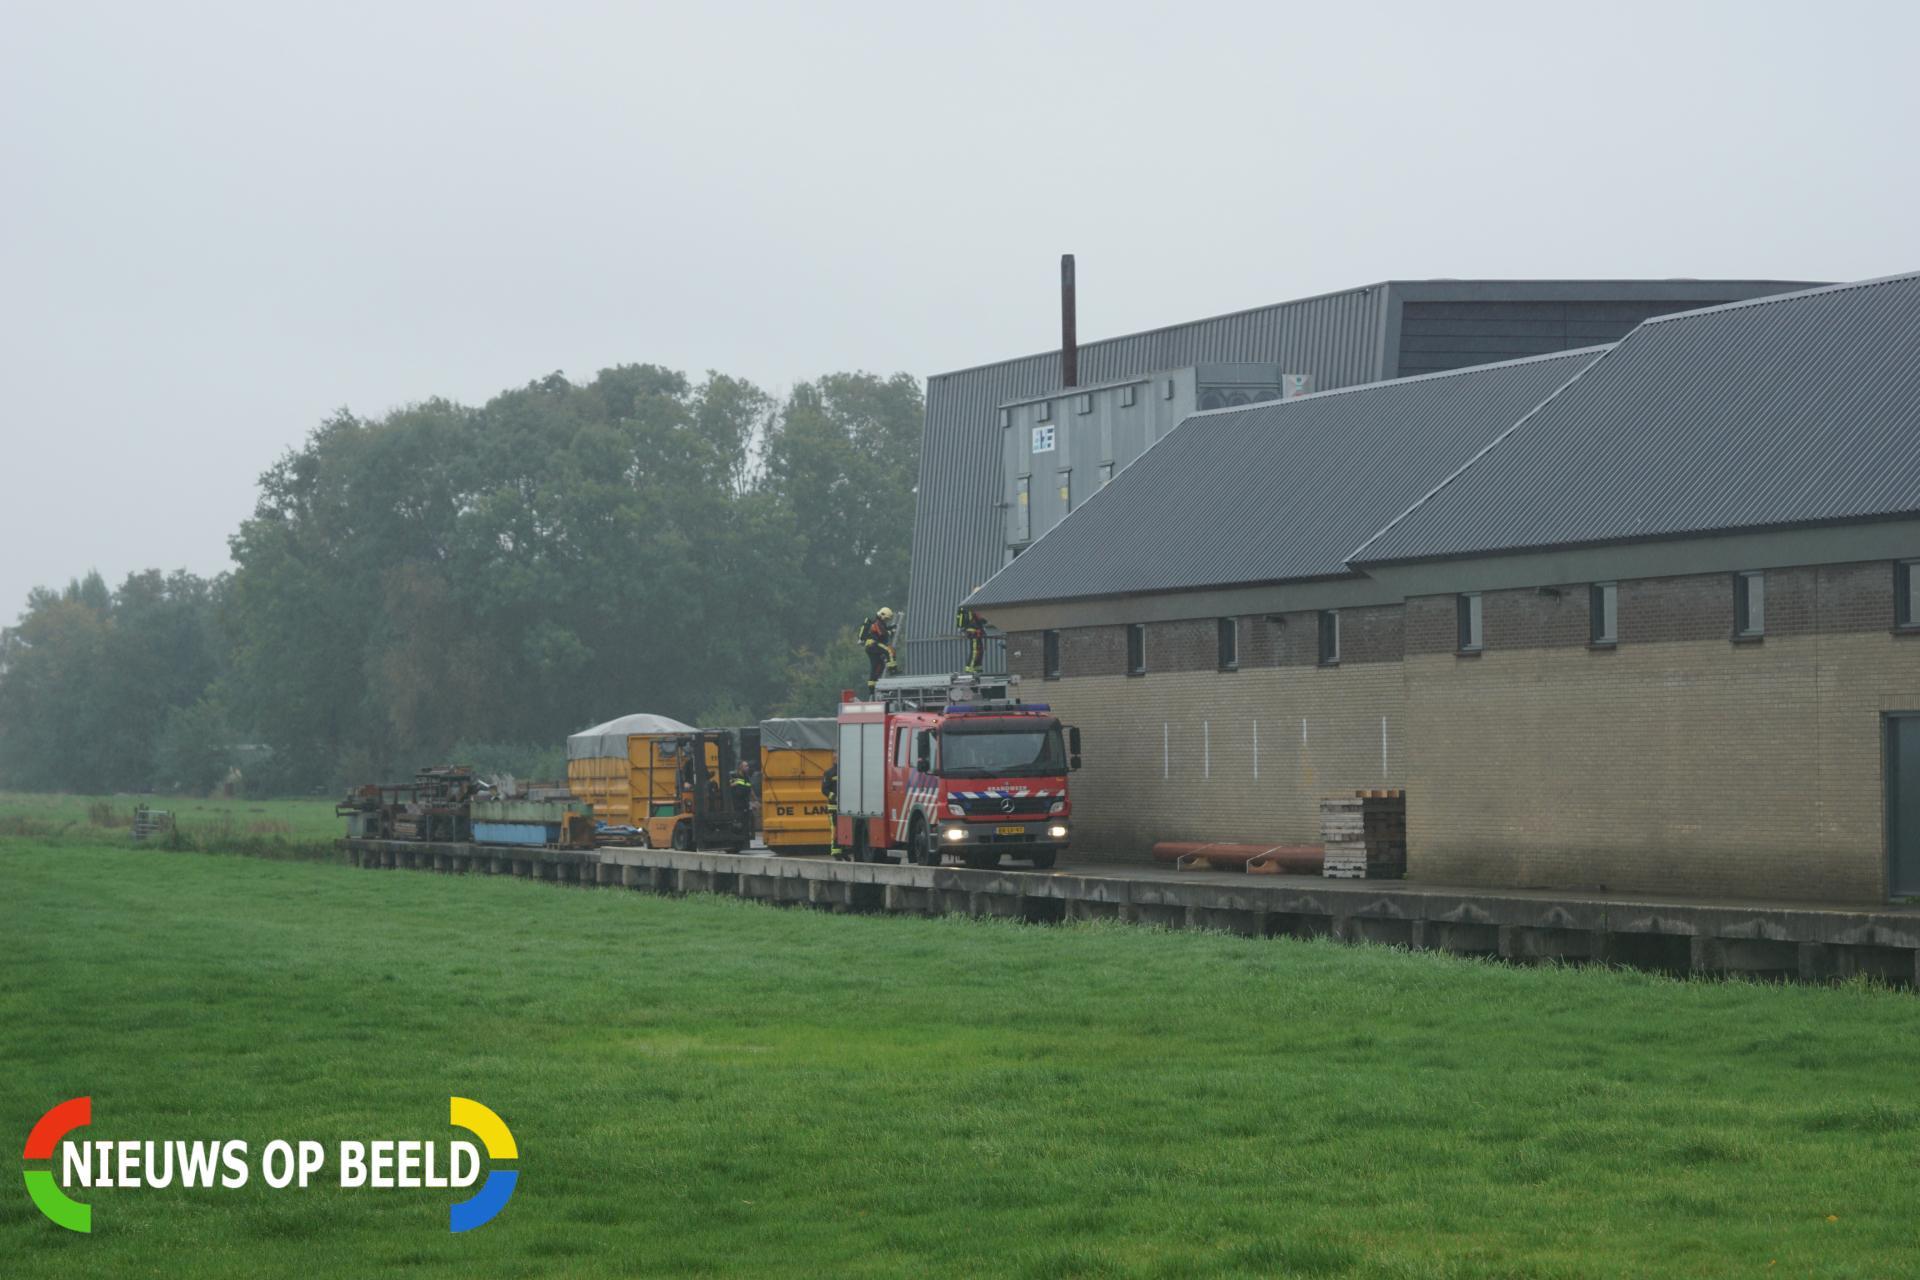 Bouwcontainer vliegt in brand achter bedrijfspand Henegouwerweg – N207 Waddinxveen